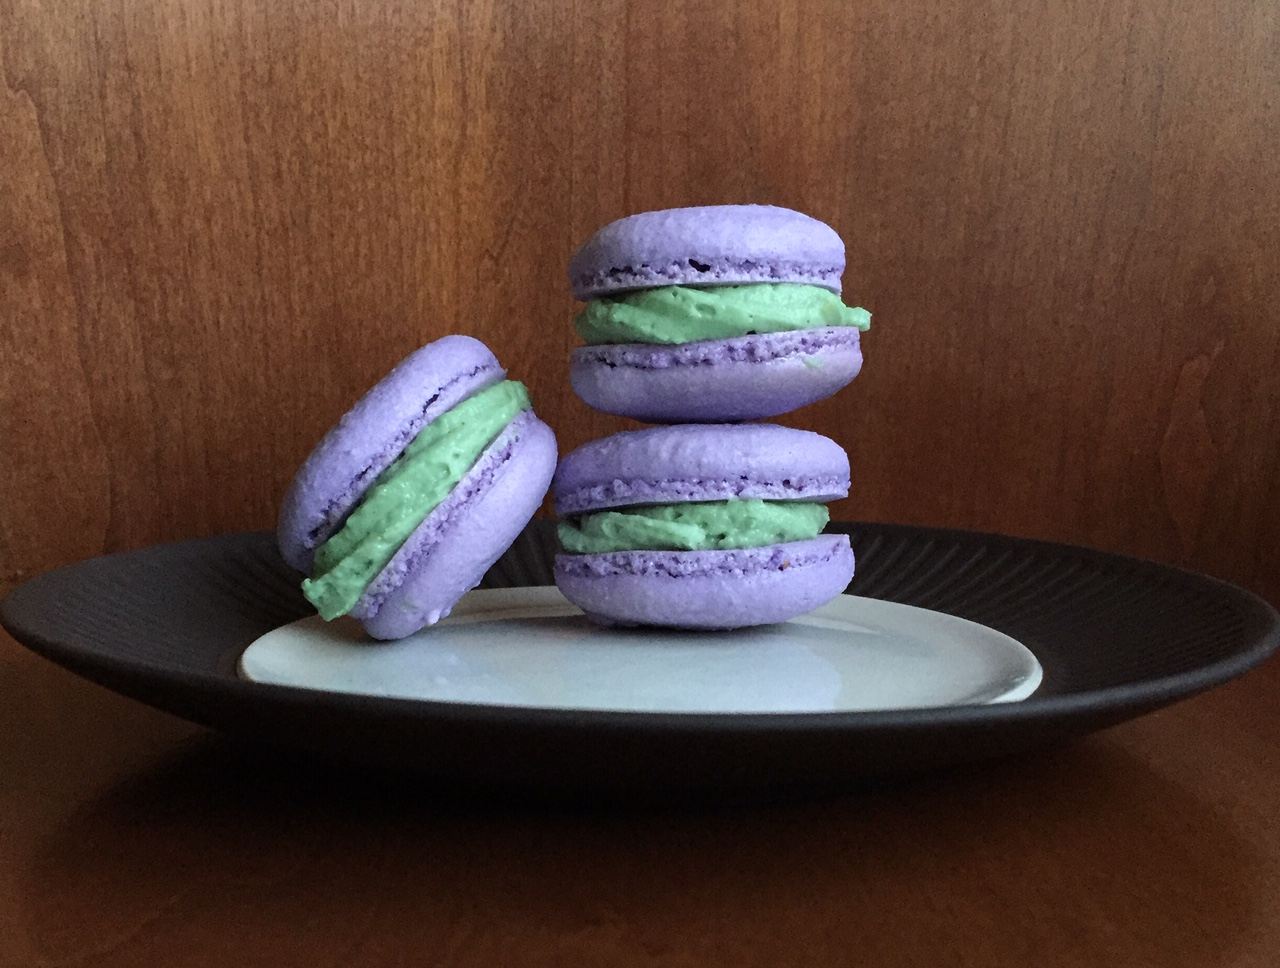 Macaron or macaroon? Reddit 52 week baking challenge (wk 10)